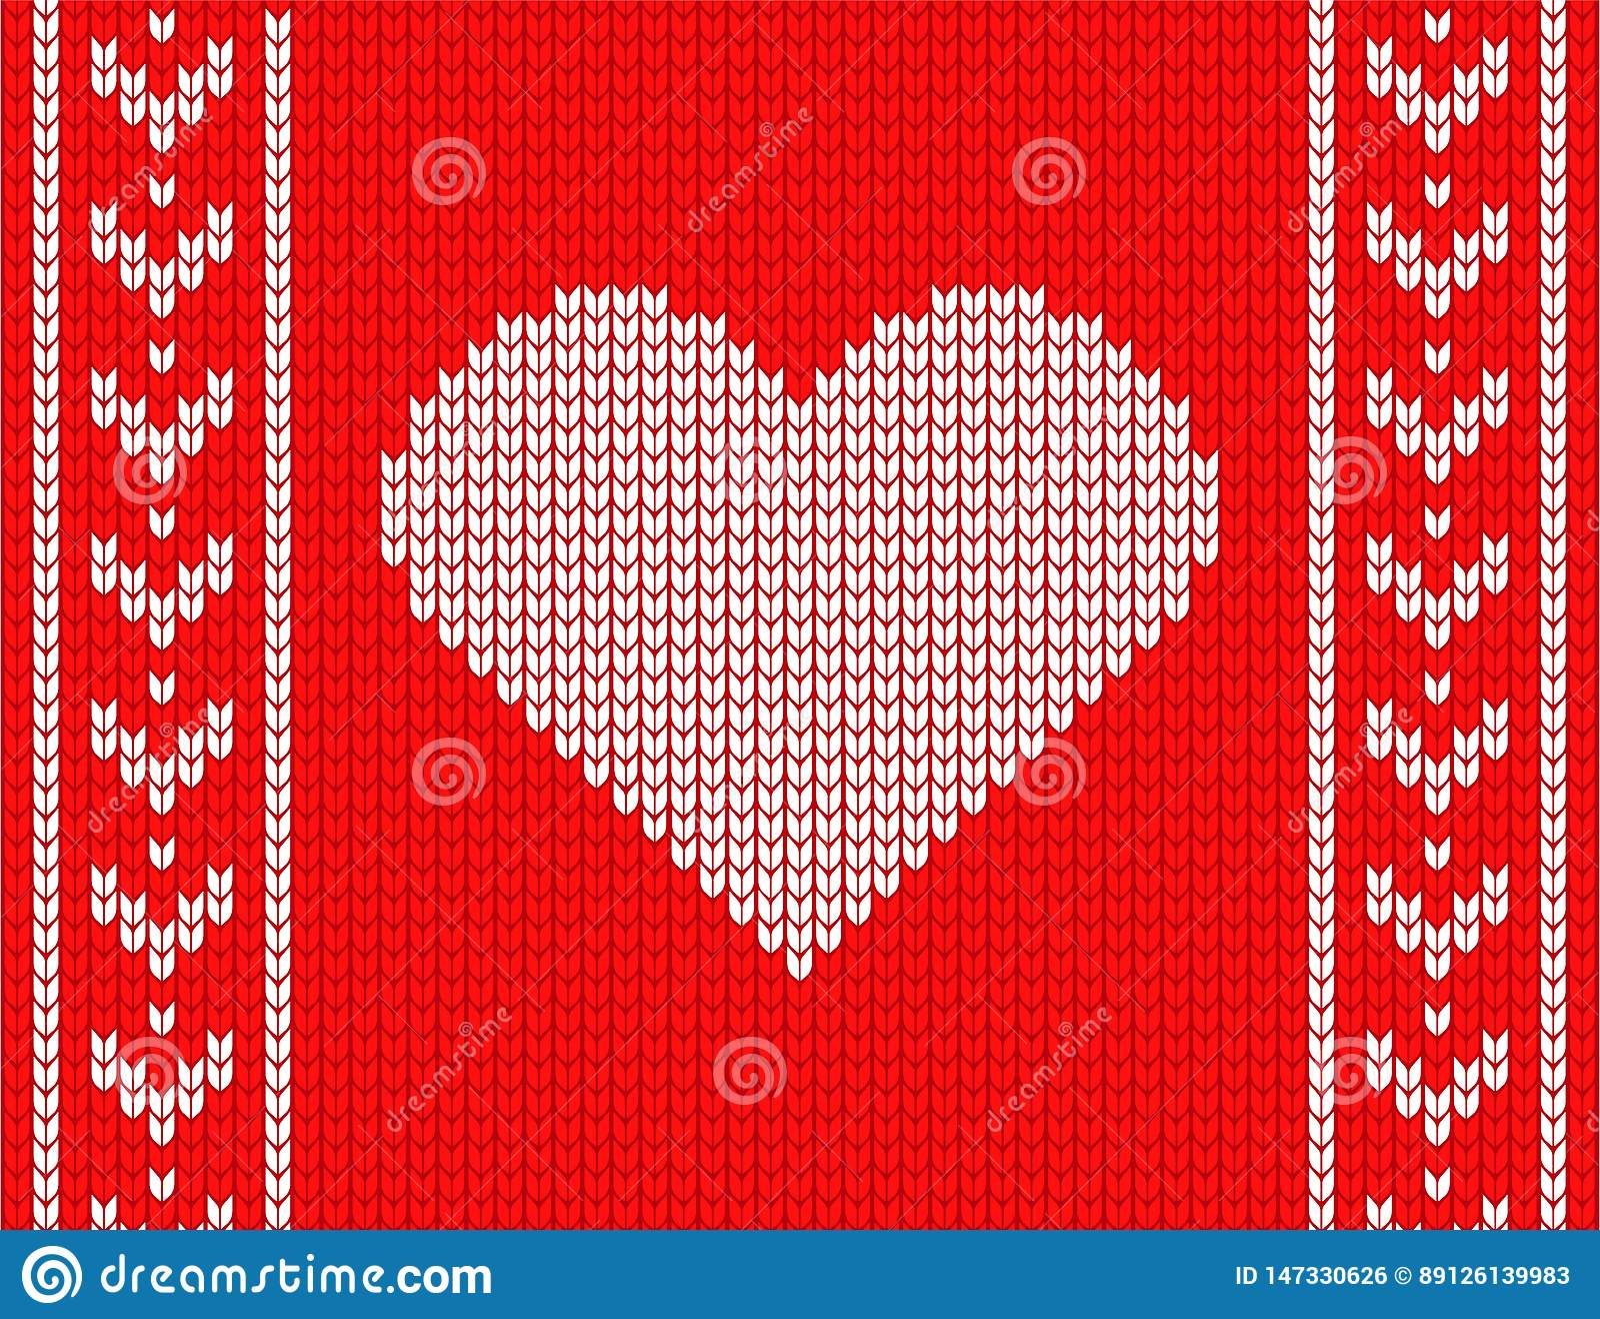 Gebreid hart op een rode achtergrond